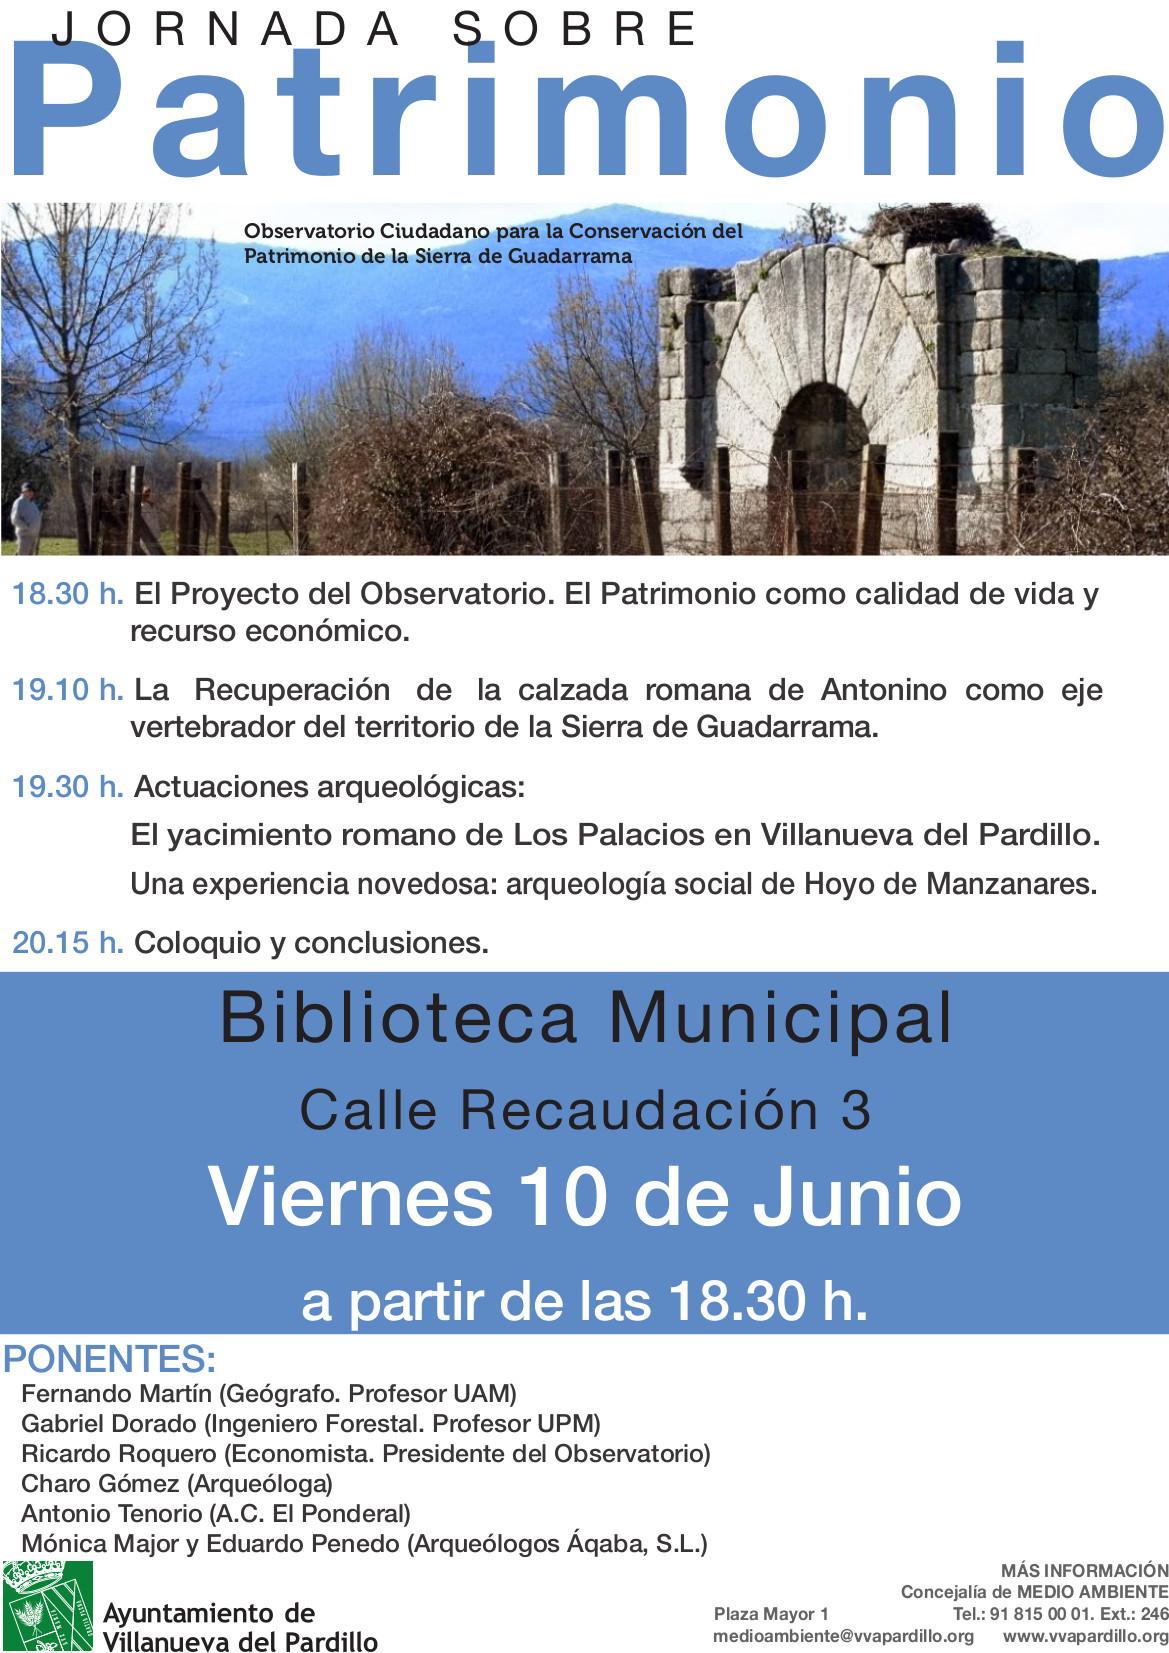 Expertos ponentes debatirán sobre protección del patrimonio cultural y natural